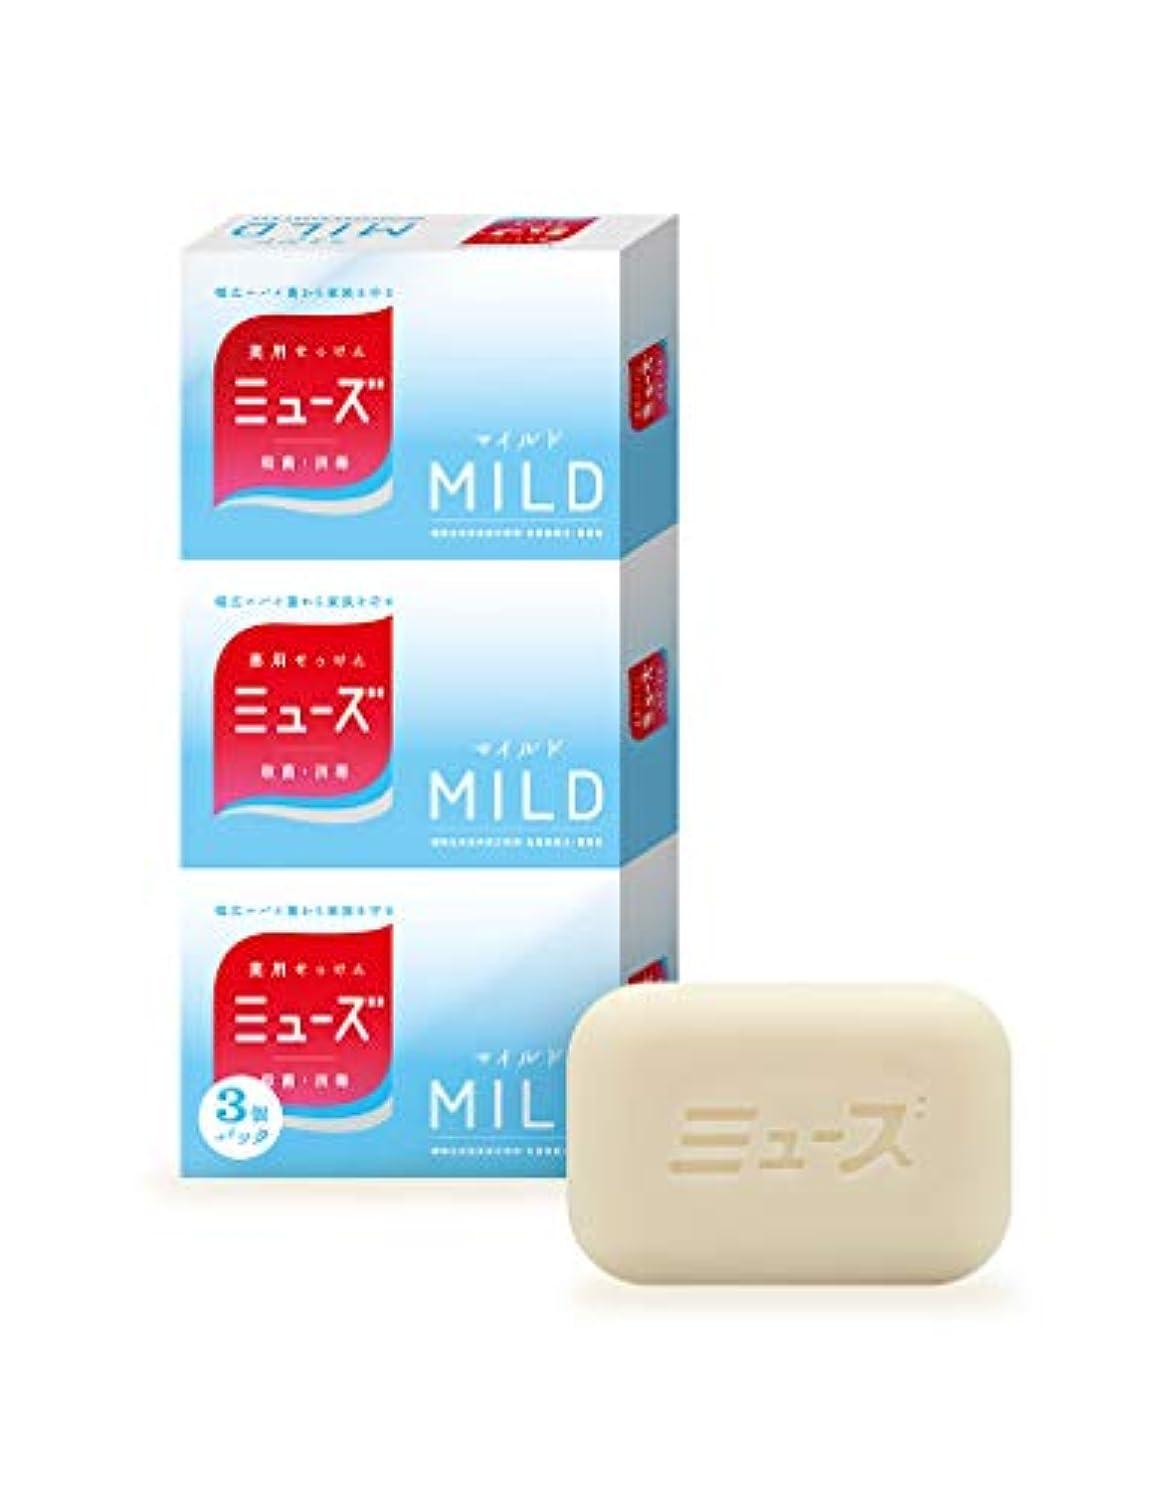 親少ないコレクション薬用せっけんミューズ 固形 石鹸 マイルド (95g×3個パック) お徳用 殺菌 消毒 手洗い 低刺激 植物由来洗浄成分配合